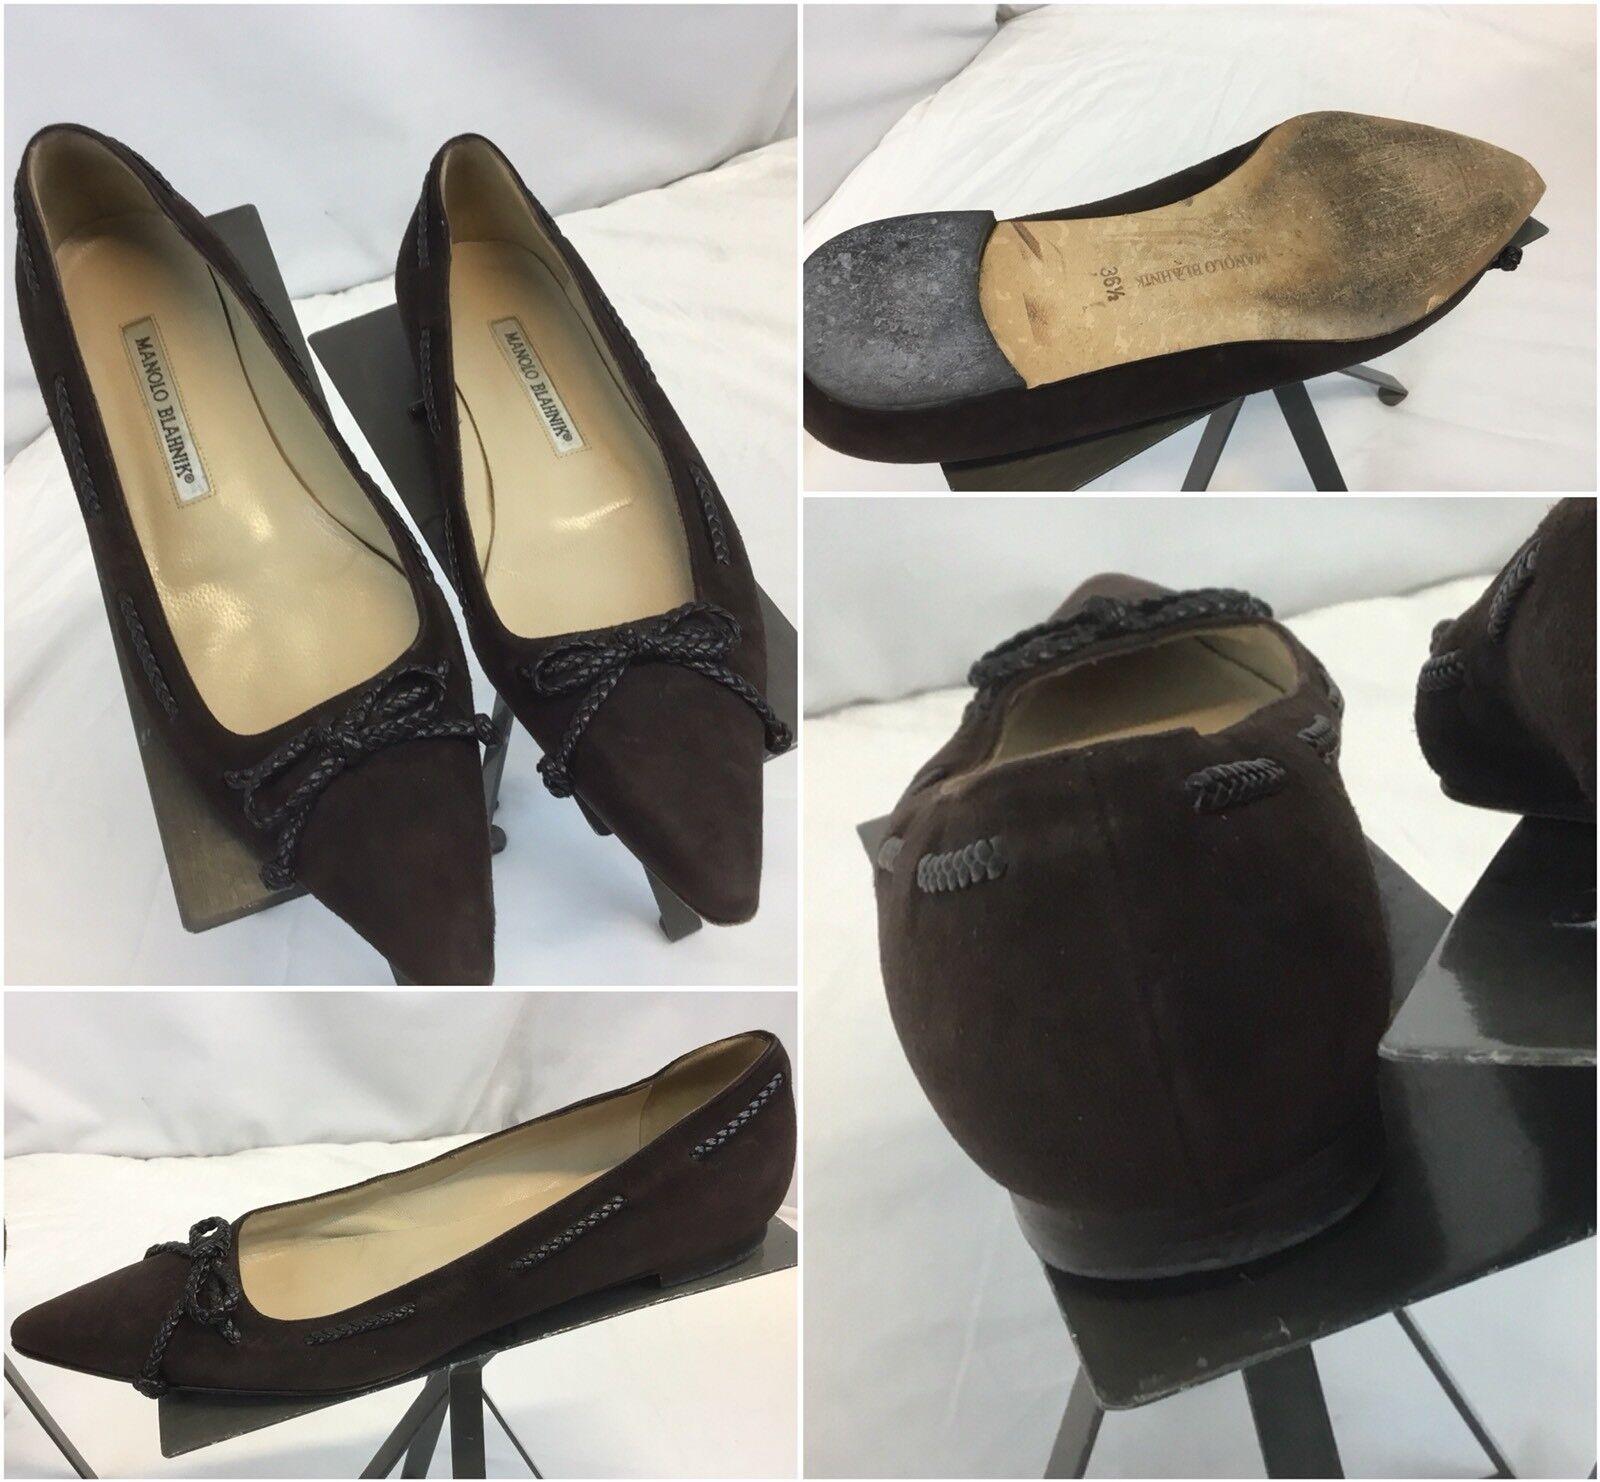 Manolo Blahnik Pumps Slides Shoes Sz 6.5 Brown Suede Lace Mint YGI G8